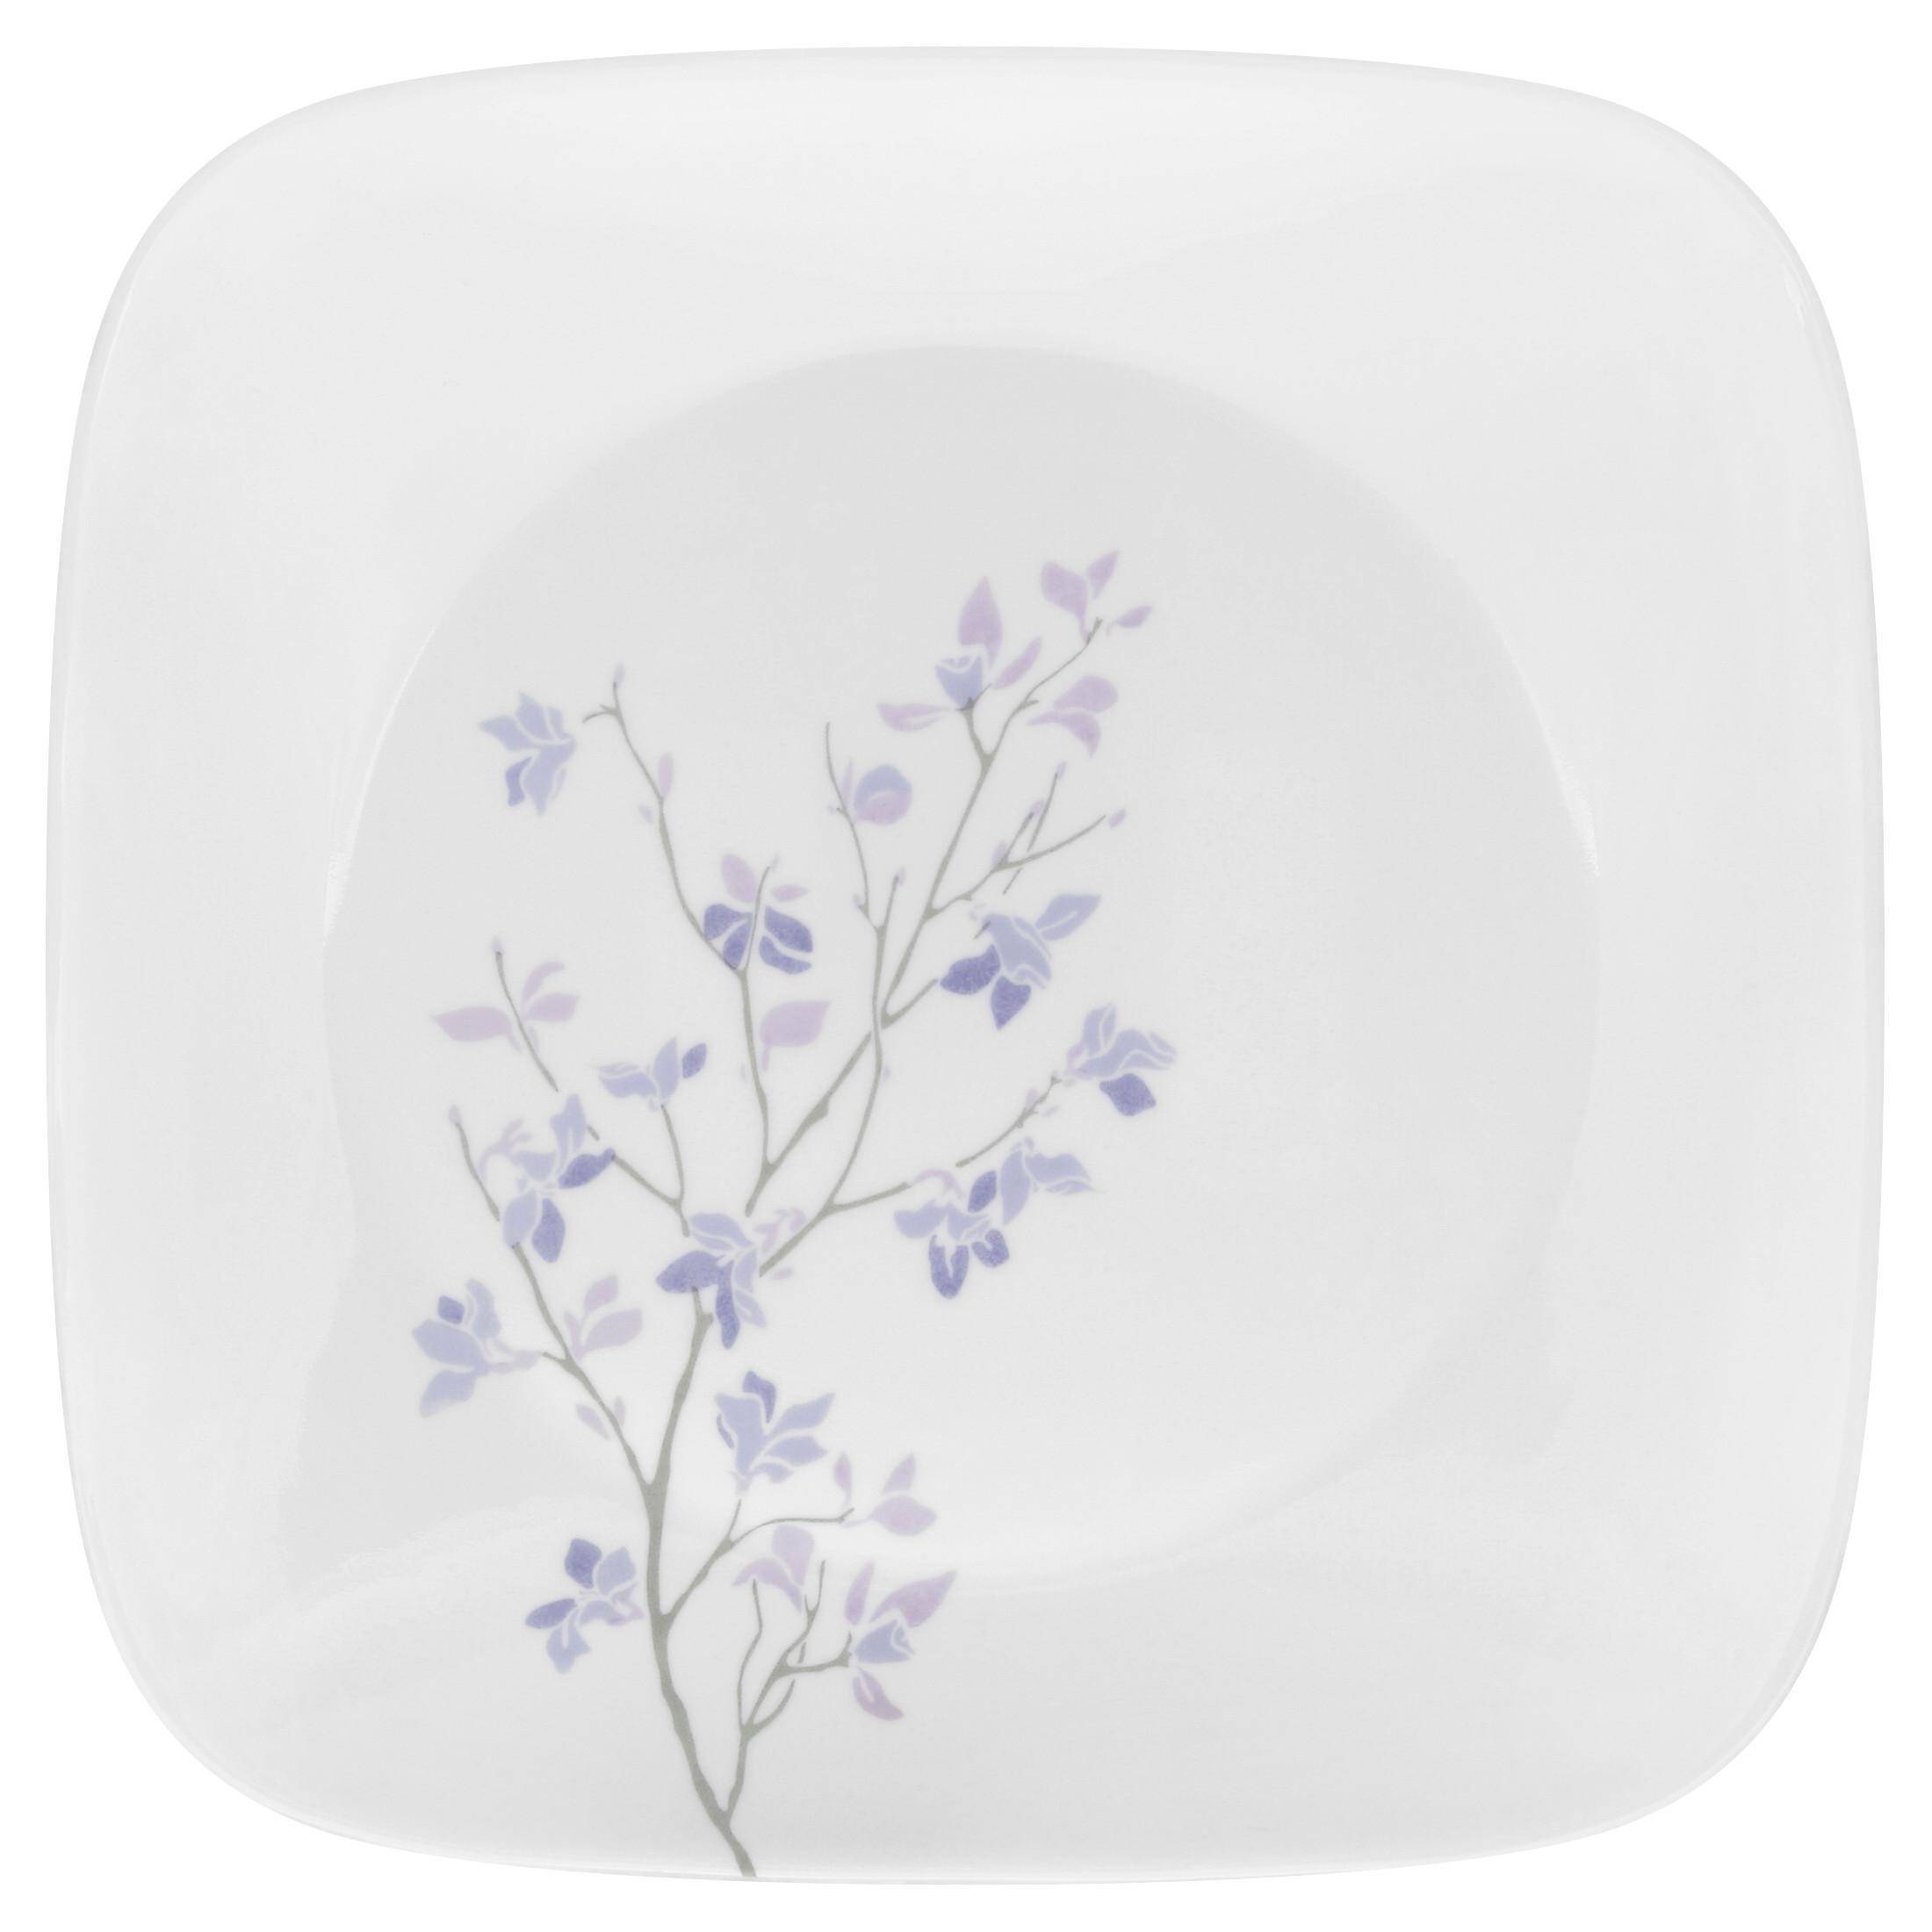 Amazoncom Corelle Square 16 Piece Dinnerware Set  sc 1 st  Castrophotos & Corelle Plates Square - Castrophotos